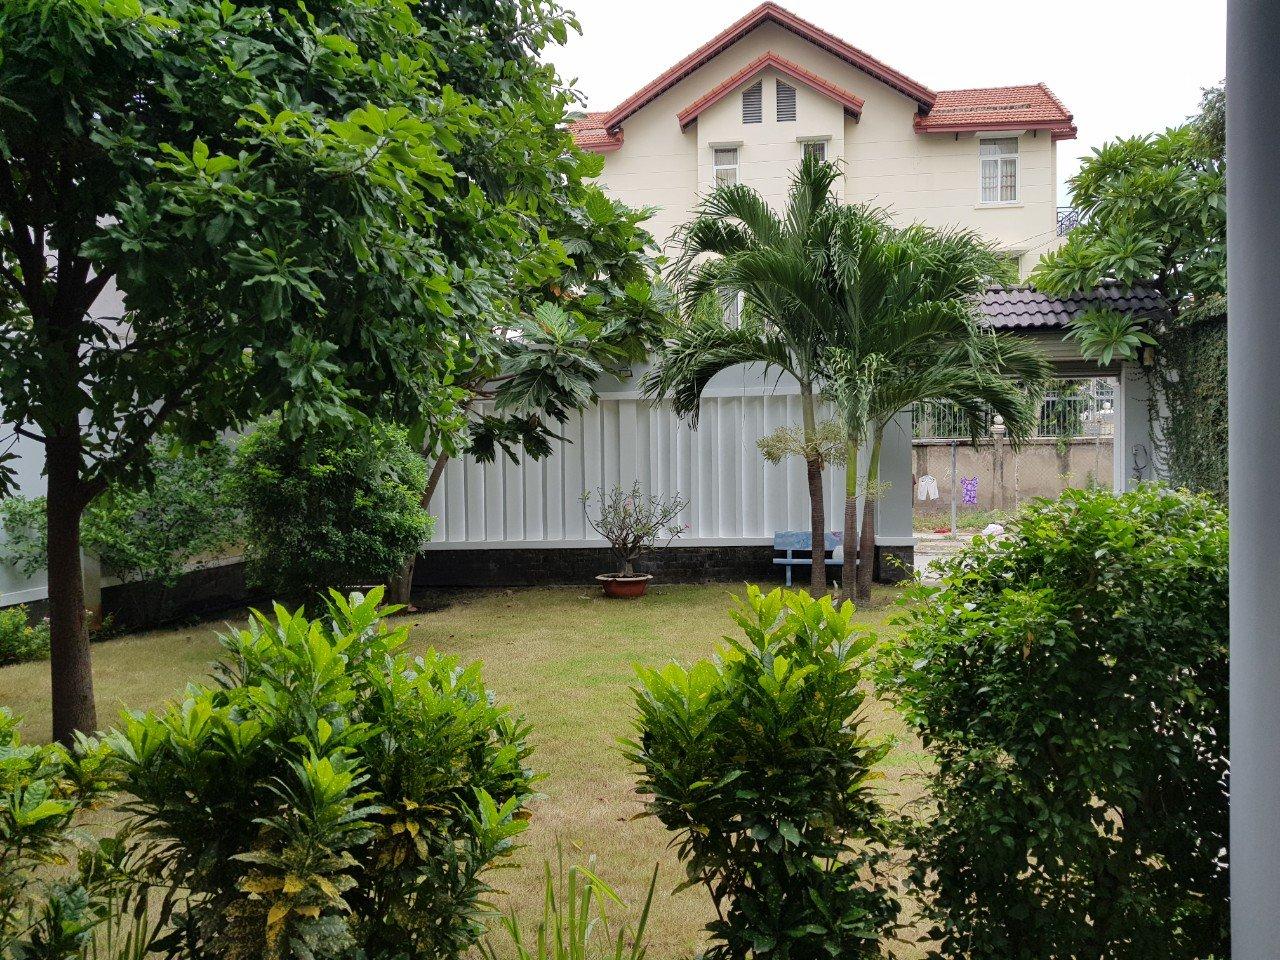 Bán biệt thự đường 64 Thảo Điền sân vườn rộng, giá tốt